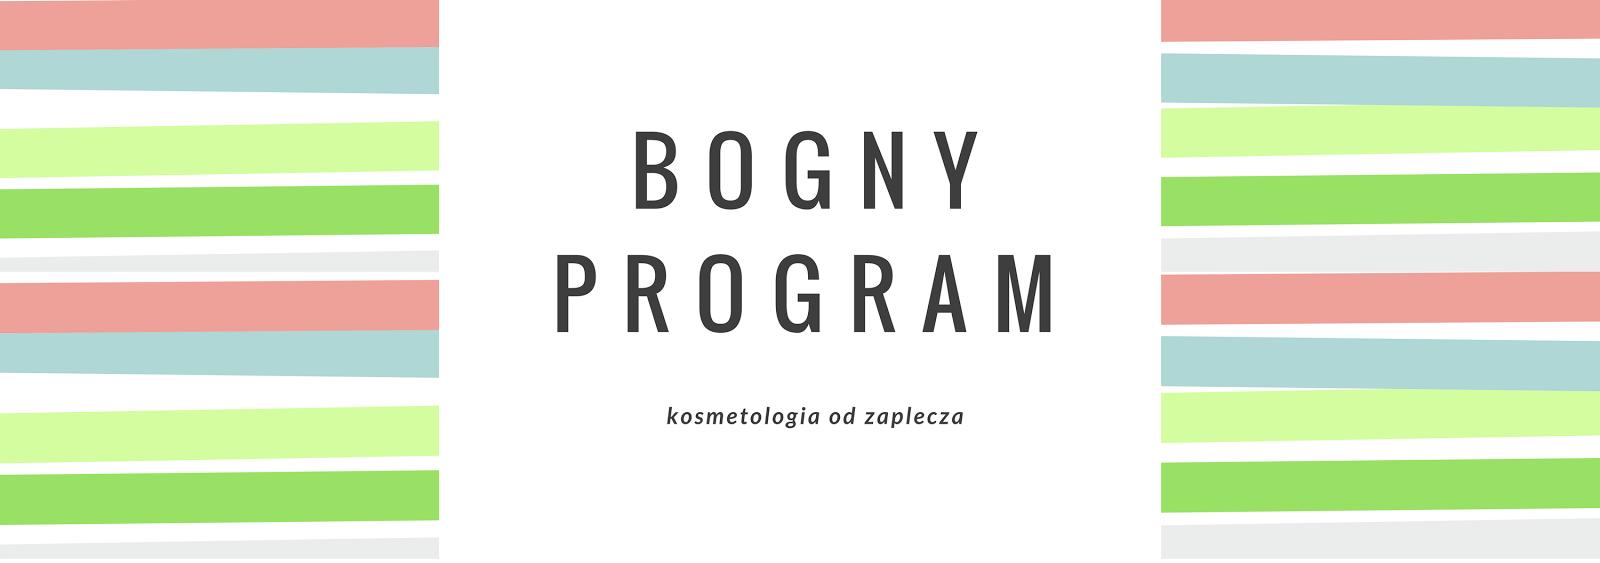 Bogny Program - kosmetologia od zaplecza